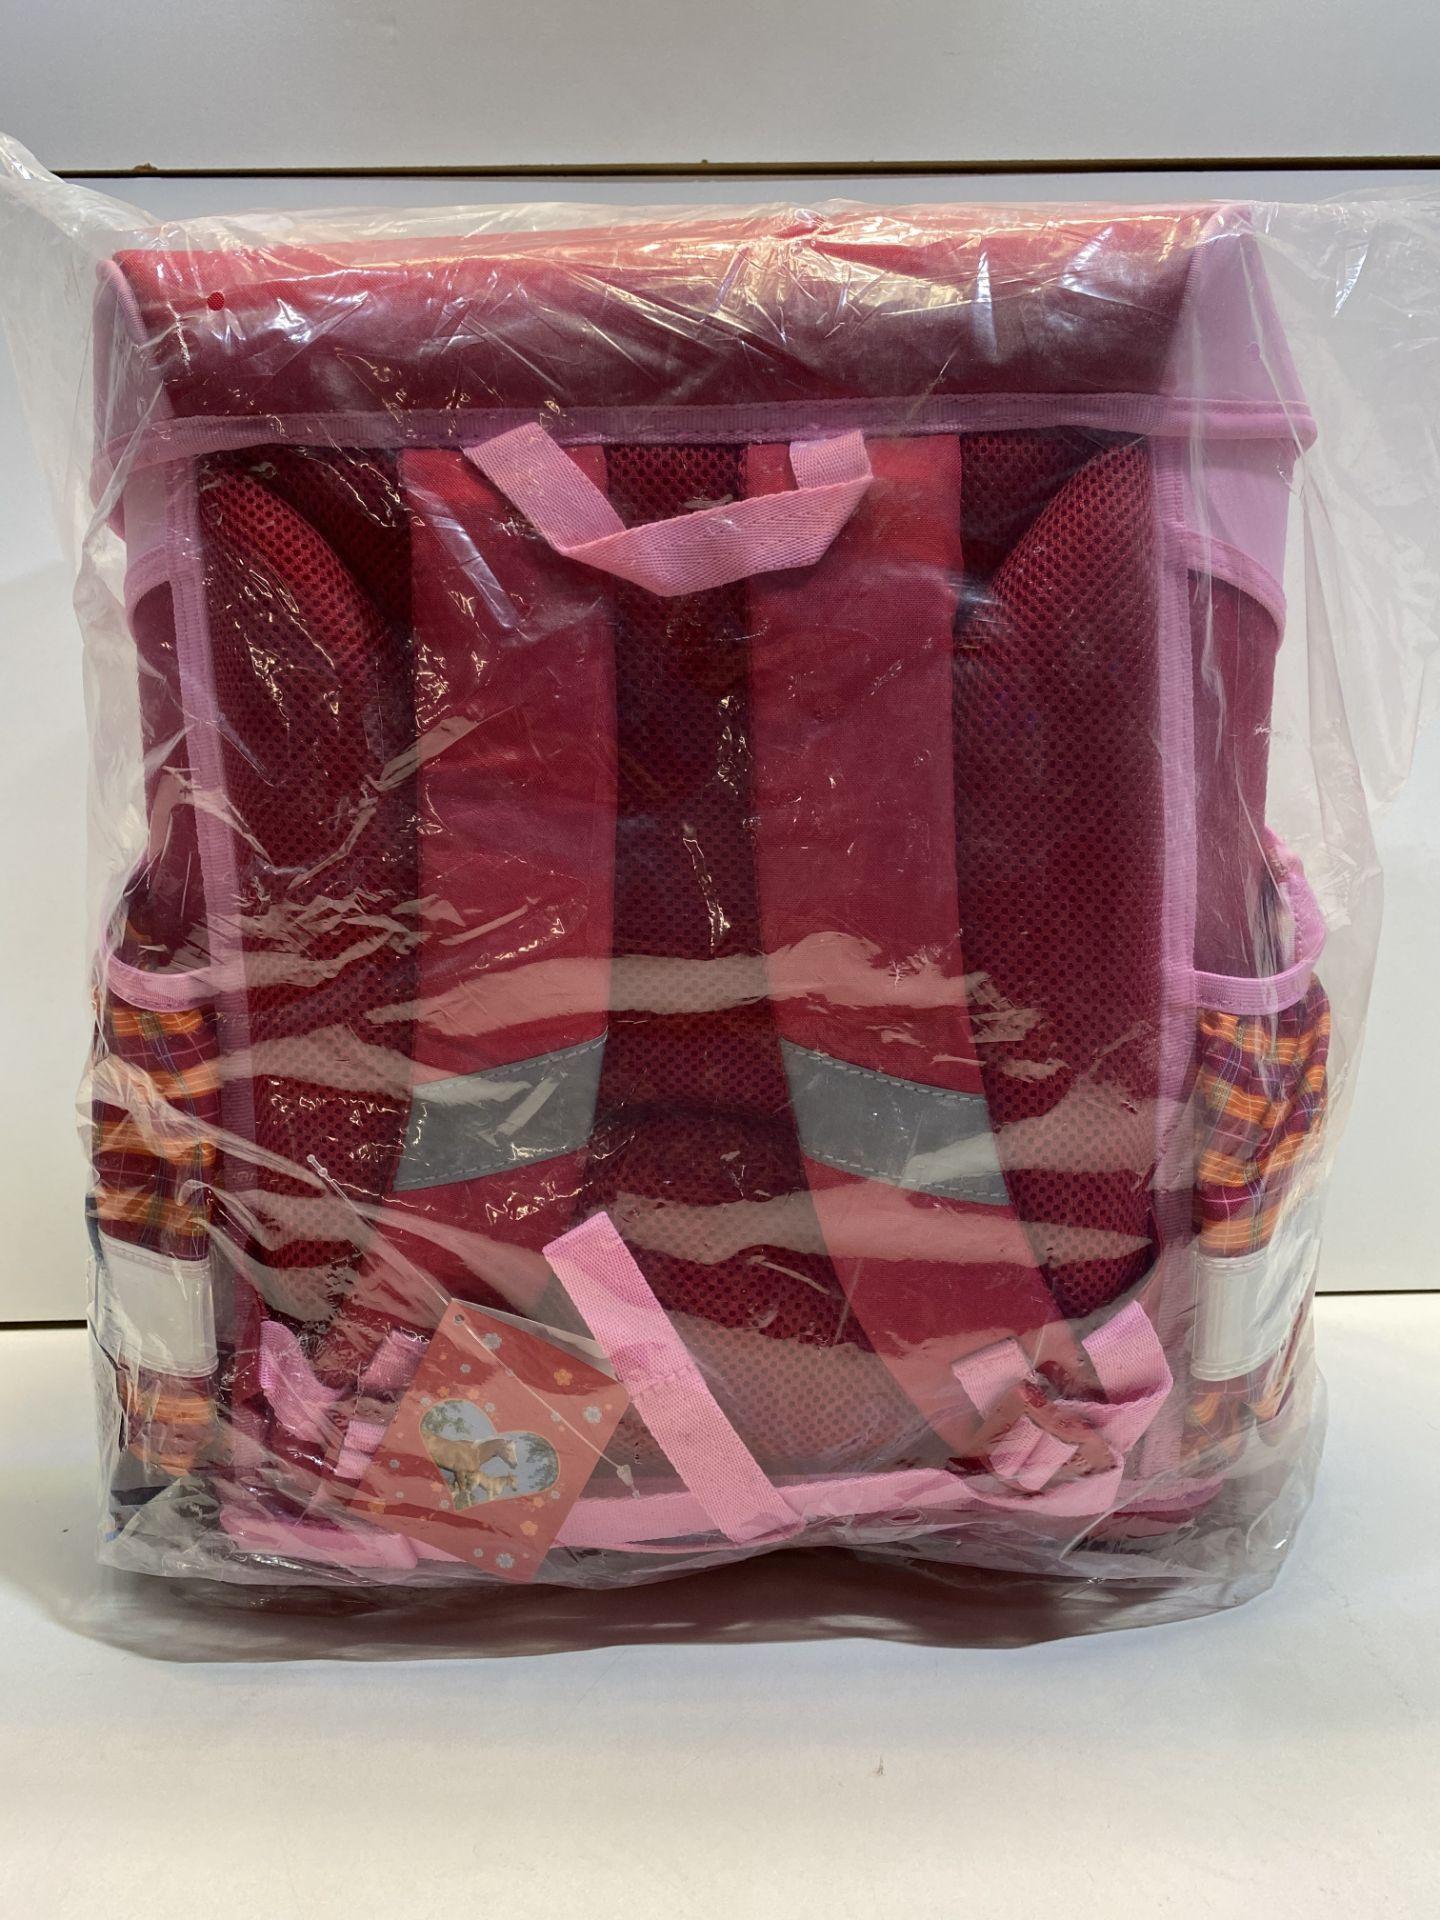 1 x Depesche Horses Dreams school satchel set 5 pieces   4010070204815 - Image 2 of 2